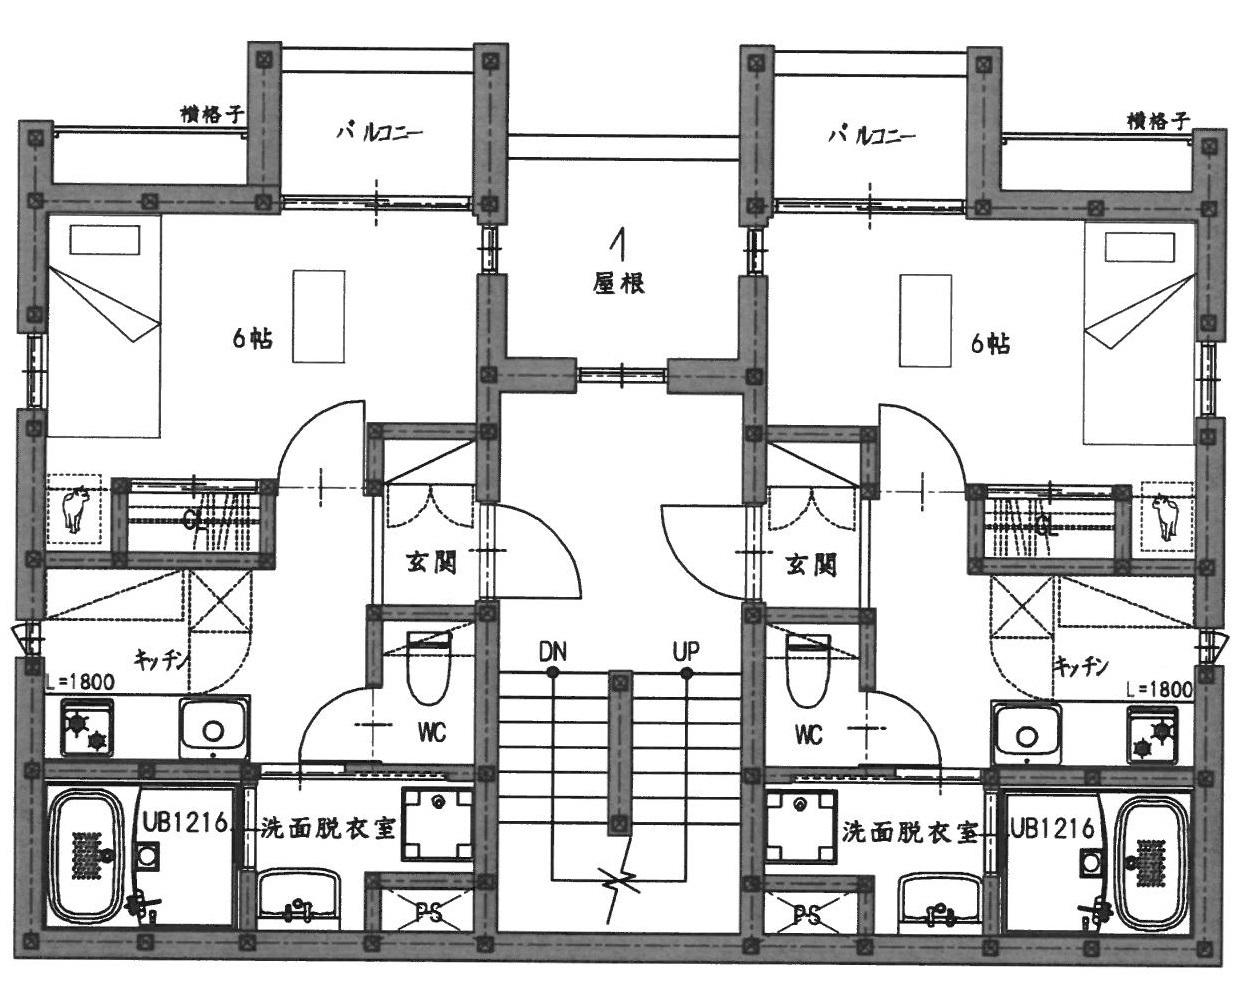 3匹の猫と暮らせる賃貸アパート エモン大津 家賃54,000円